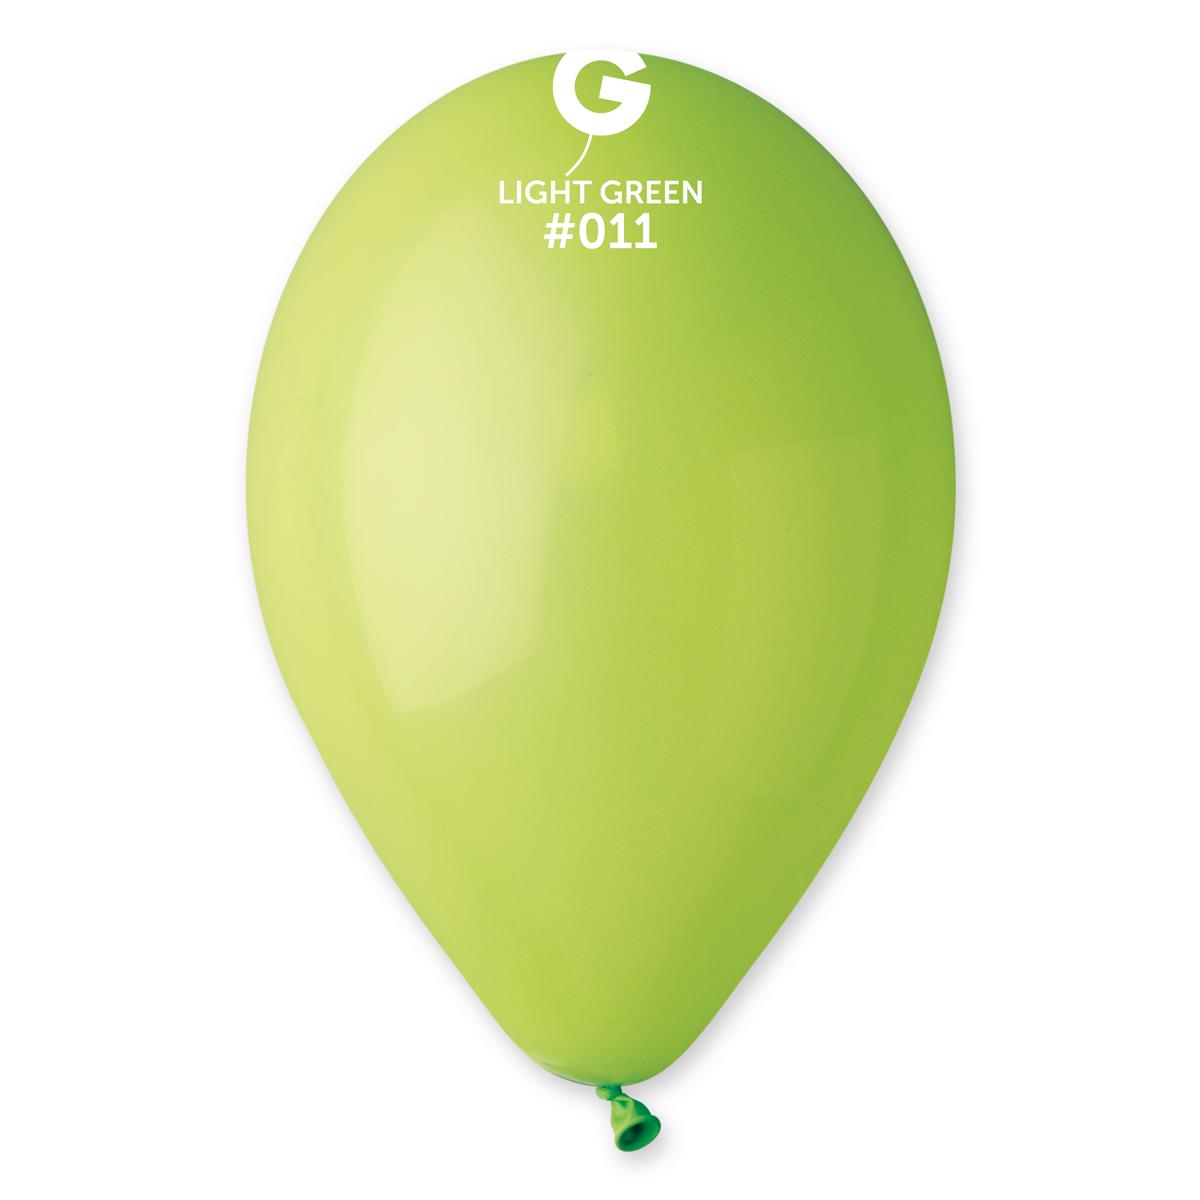 #011 Light Green